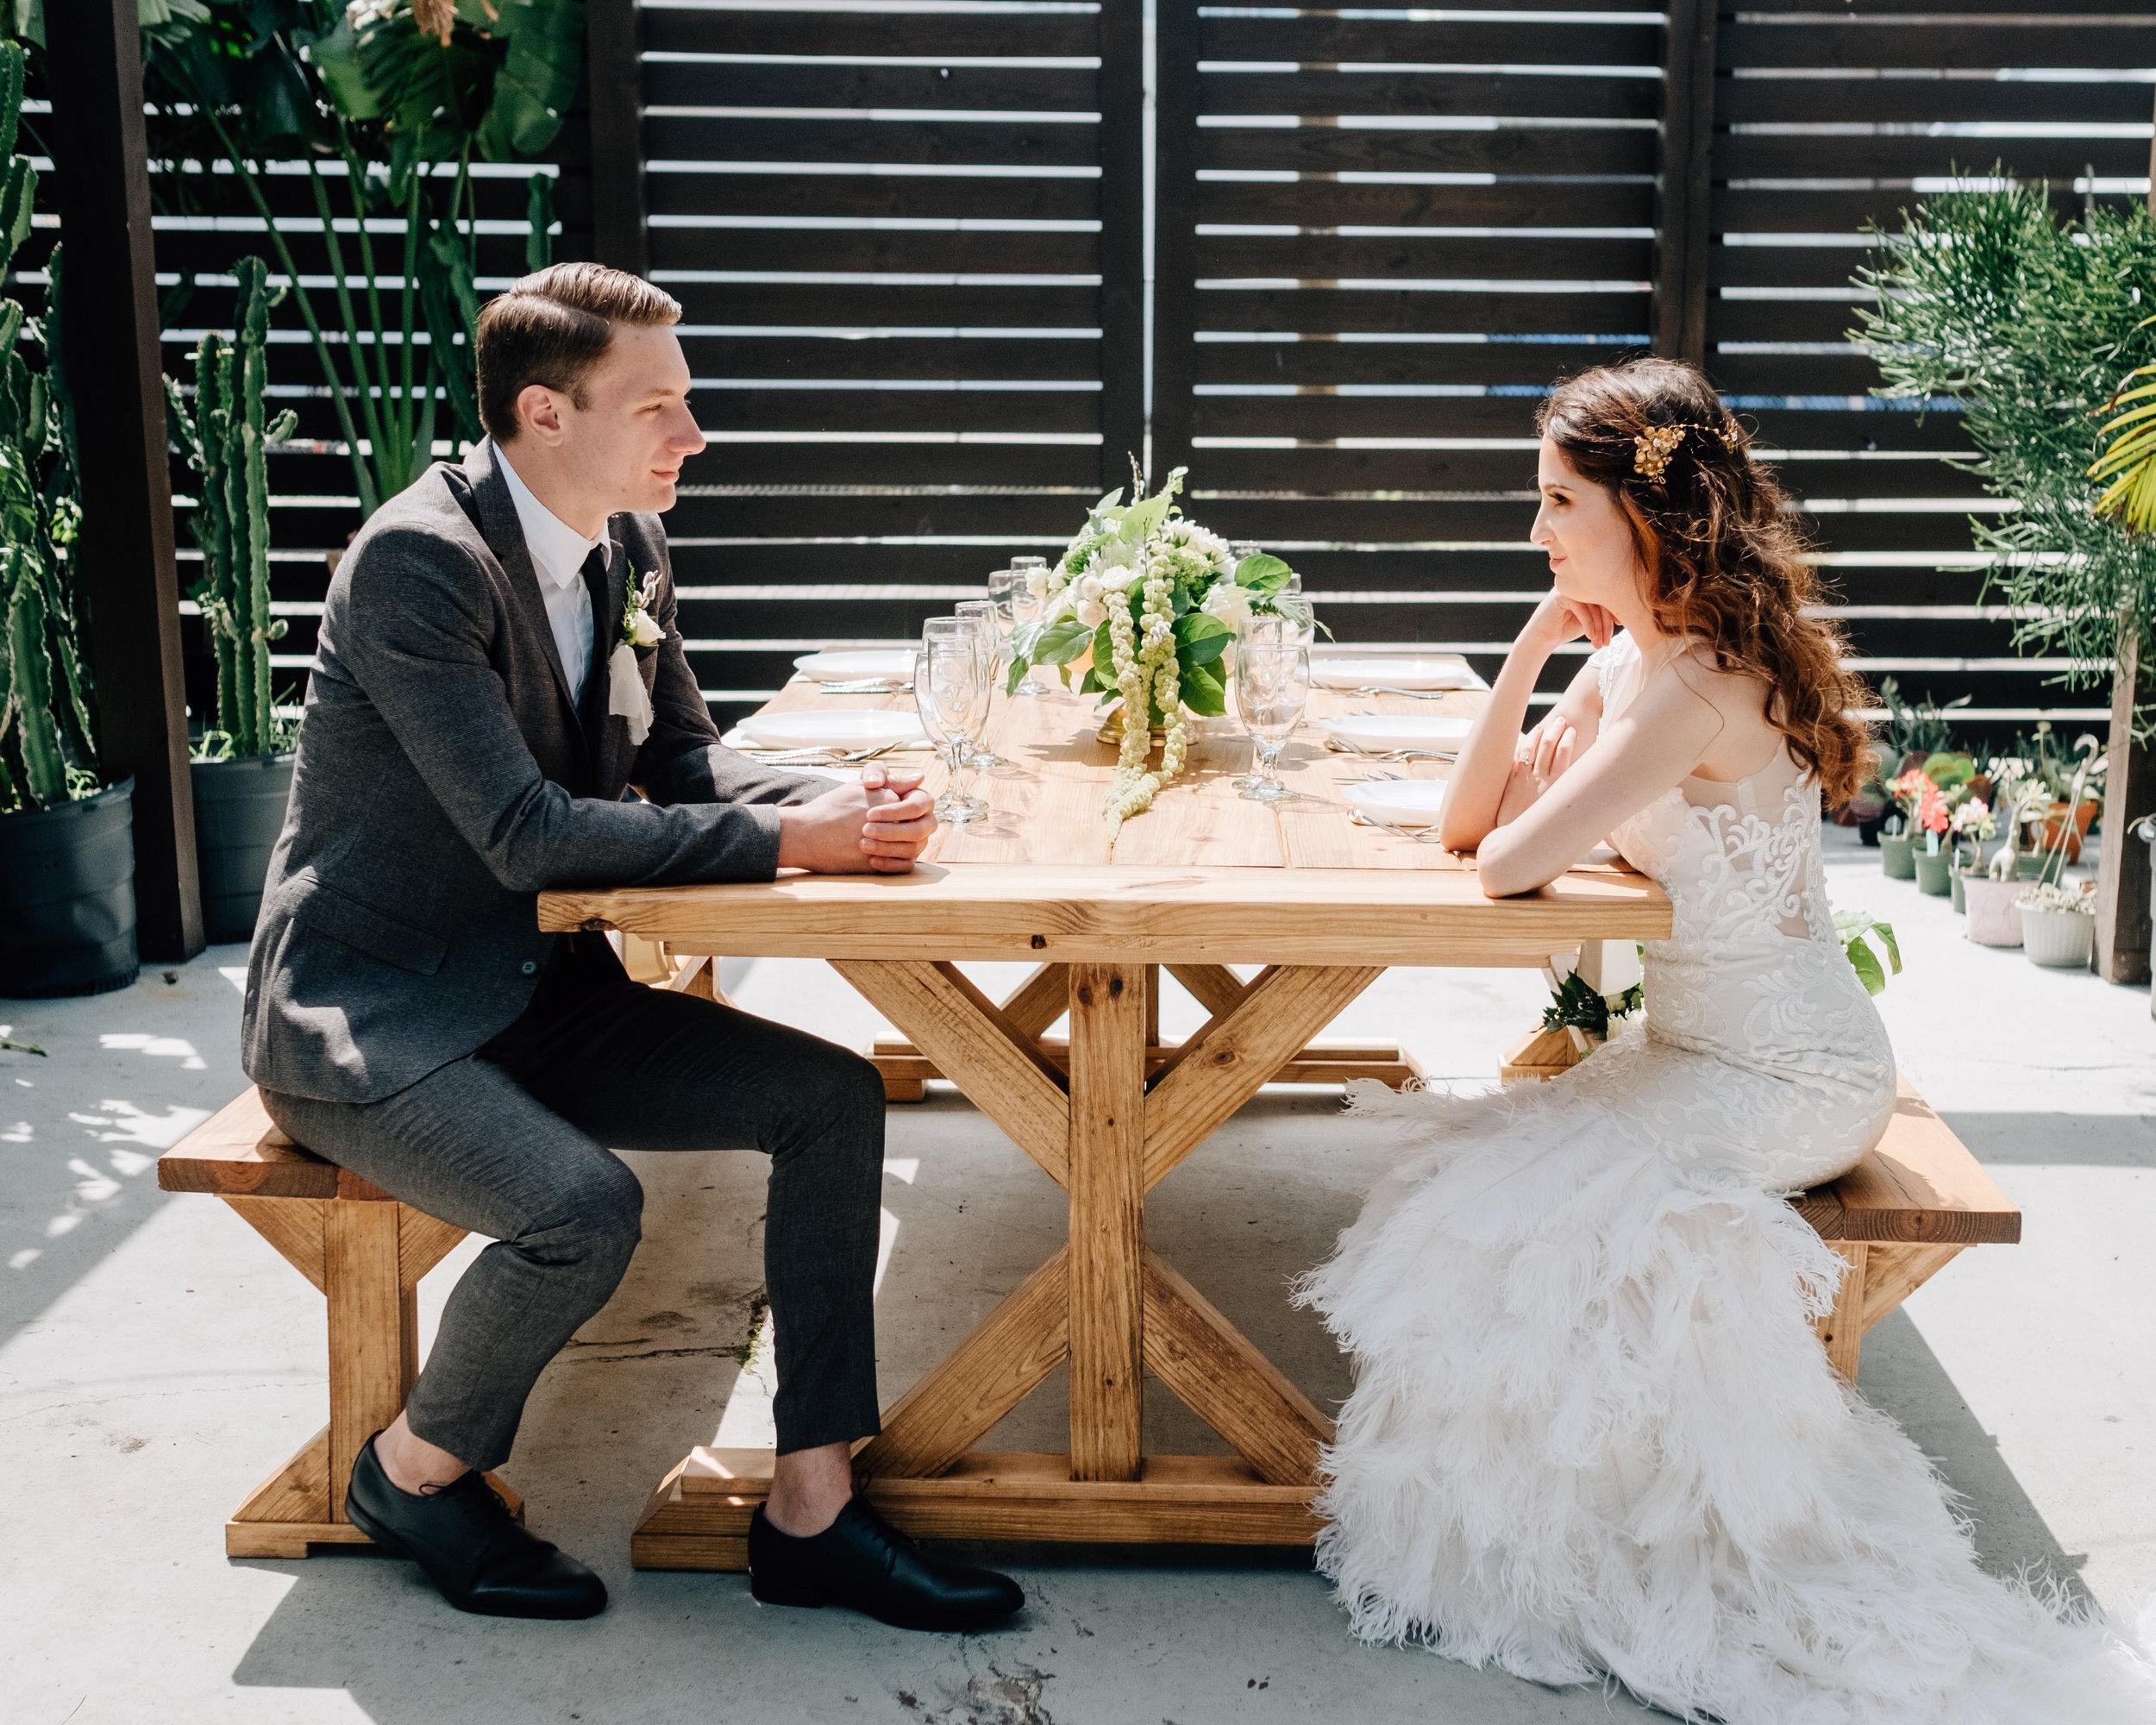 Amethyst Weddings Styled Shoot 3-25-18 098.jpg